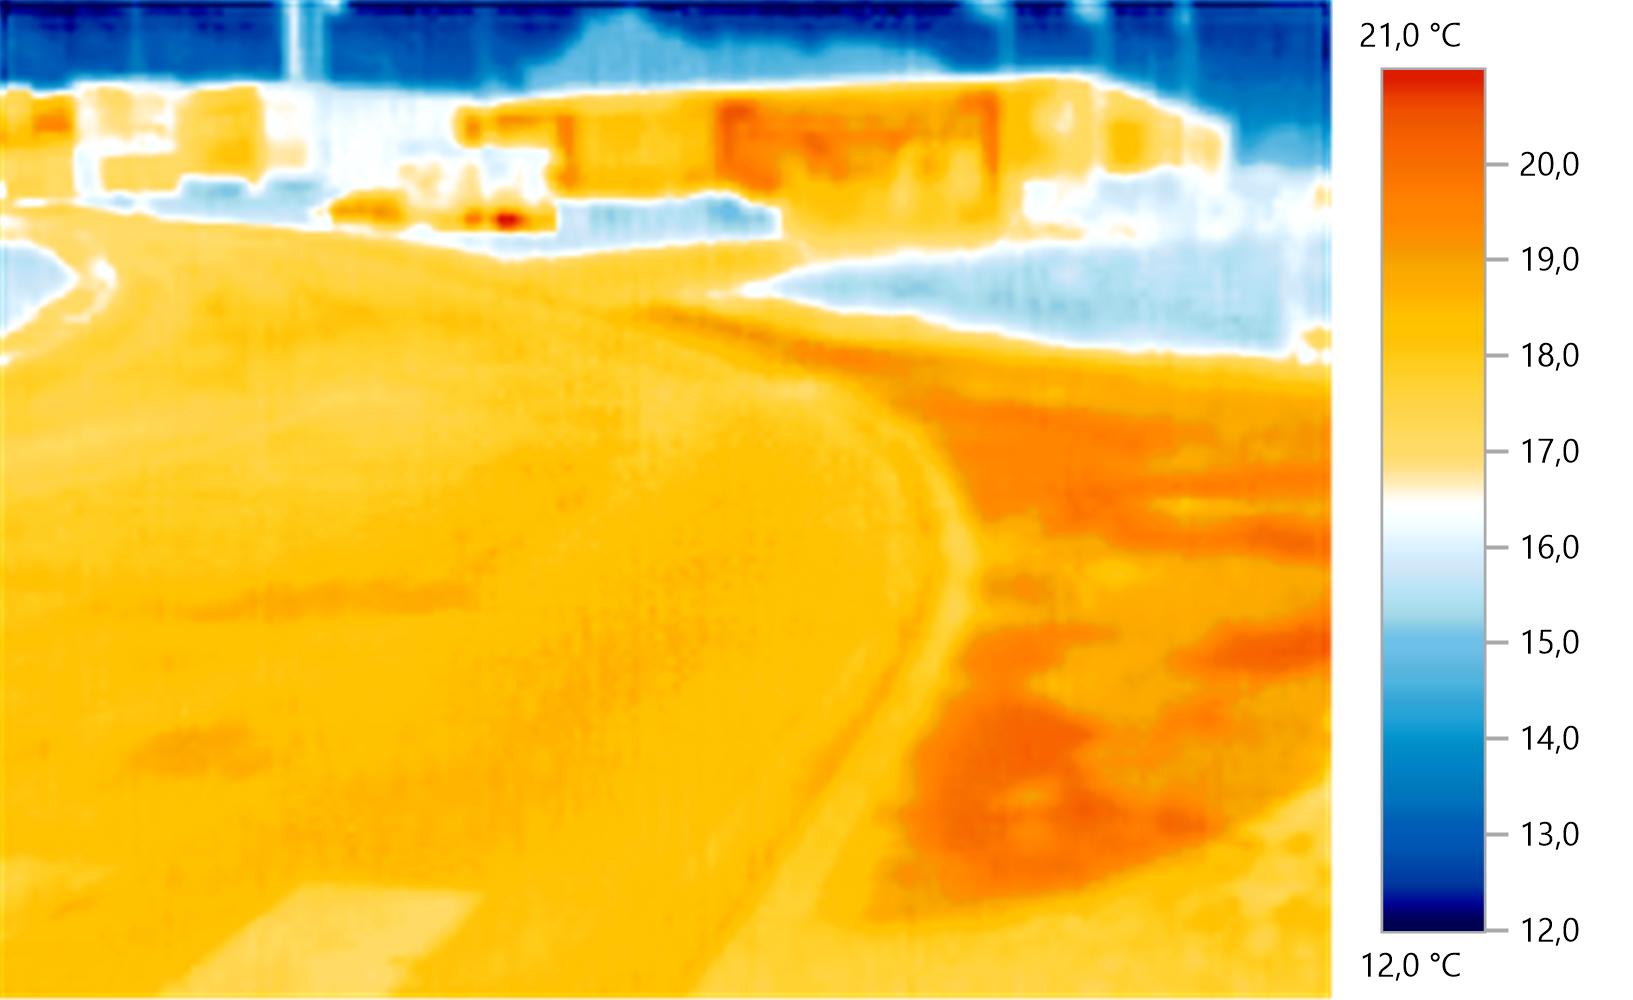 Photo thermo de l'axe routier